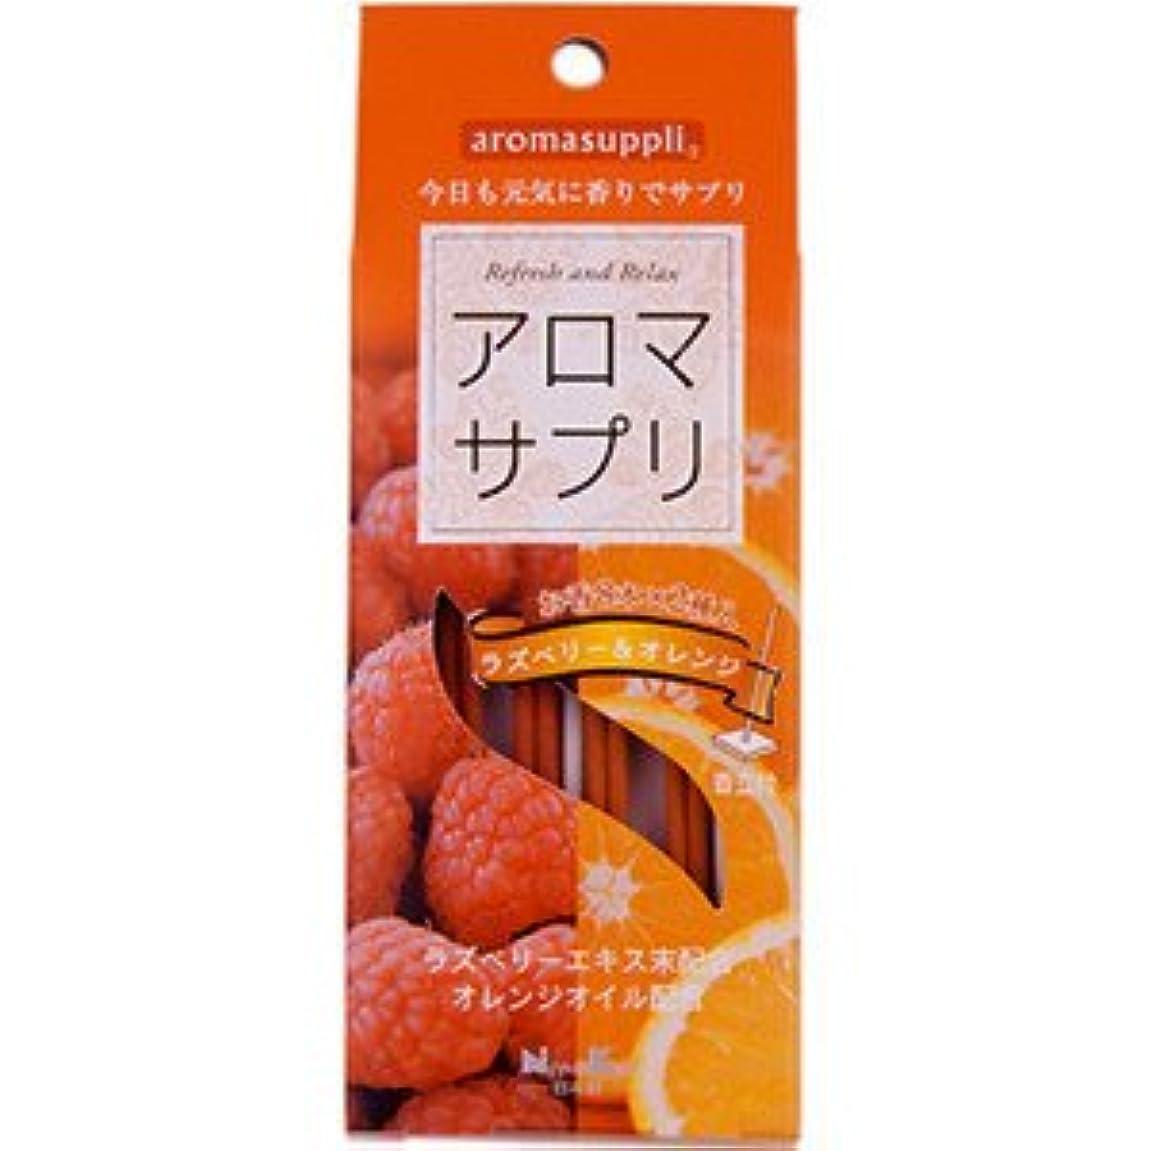 練る会員サーキュレーション日本香堂 アロマサプリ ラズベリー&オレンジ